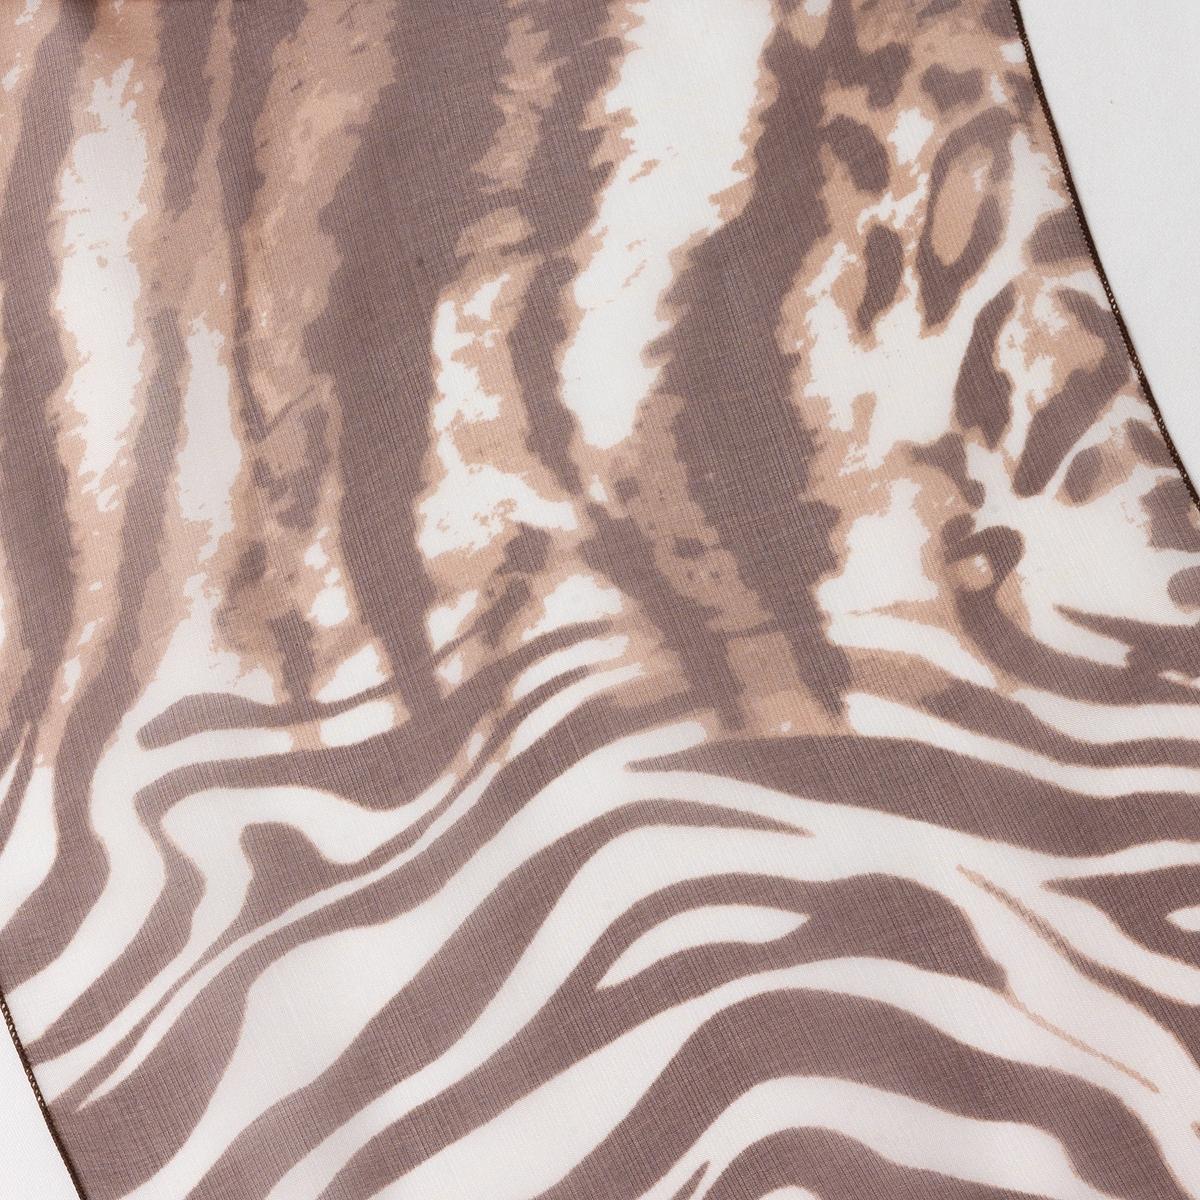 Платок шёлковыйШелковый платок - изысканное дополнение к Вашему наряду. Состав и описание : Материал            100% шелкРазмер 120 x 25 смМарка Anne Weyburn  Уход :Ручная стирка.Машинная сушка запрещена.Не гладить.<br><br>Цвет: рыжий,серый<br>Размер: единый размер.единый размер